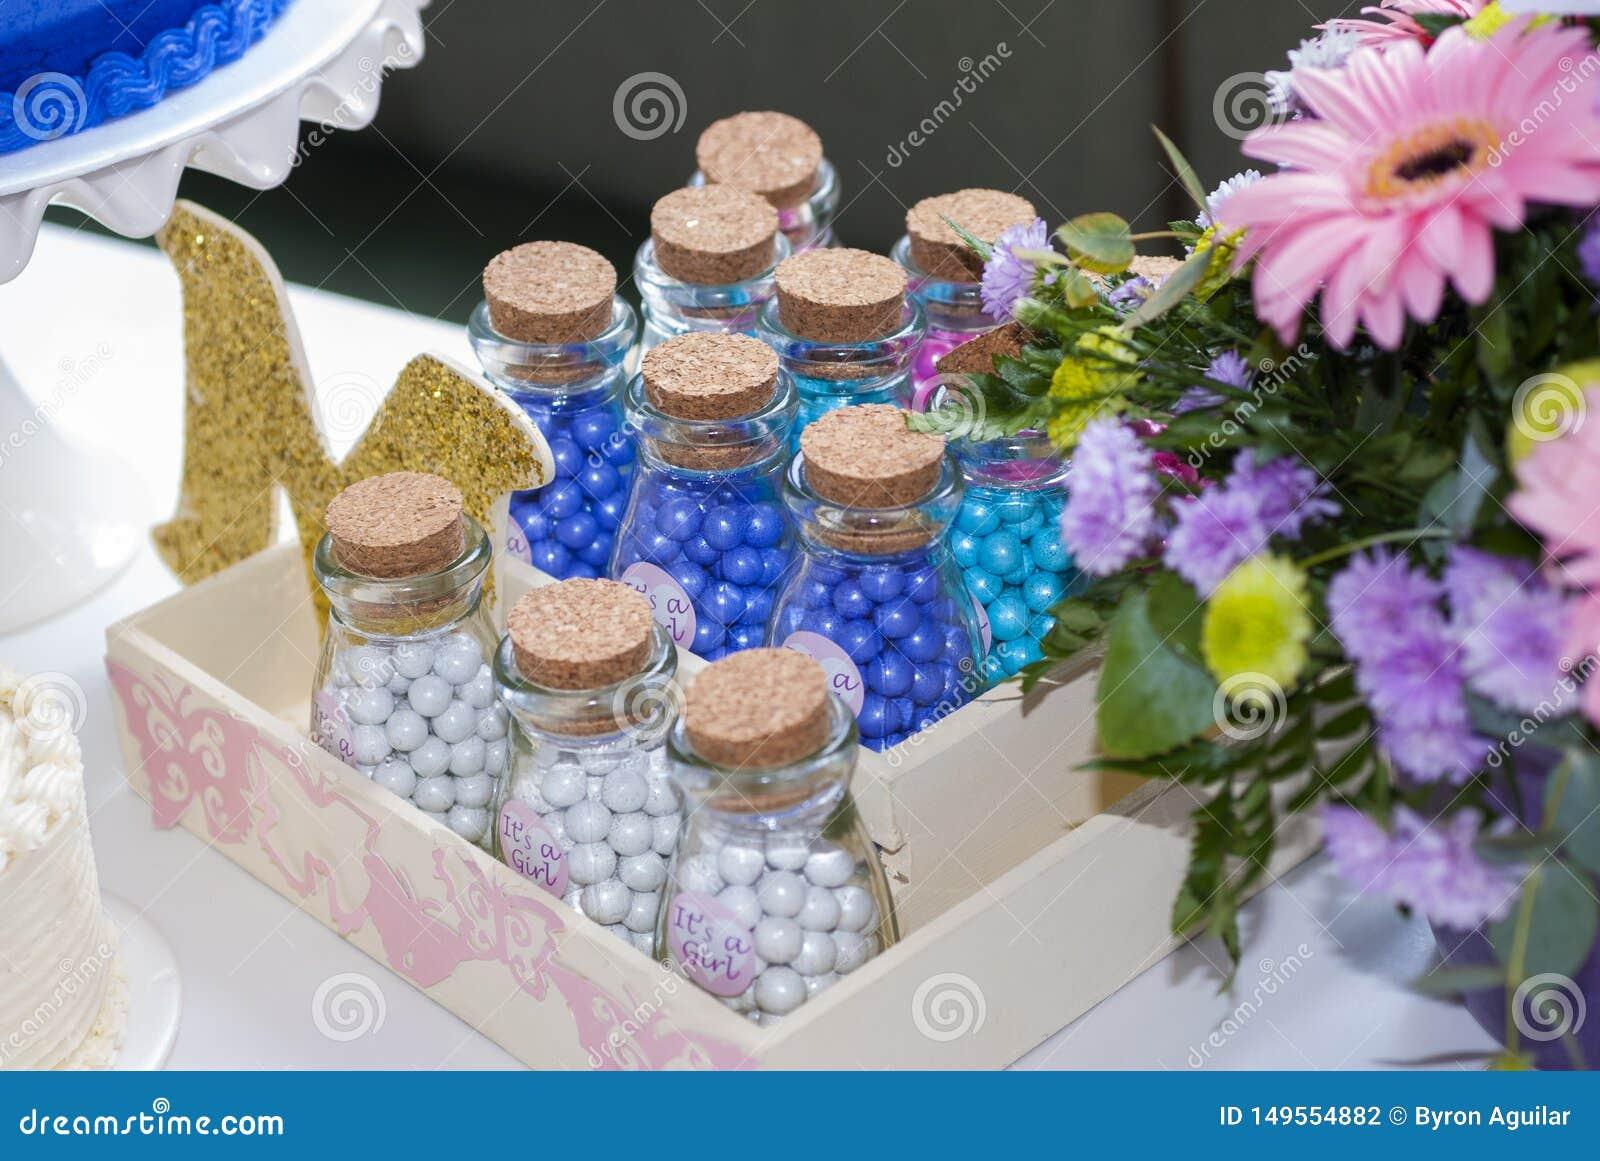 酥皮点心儿童的党细节、蛋糕欢欣和快餐,在儿童的党的甜点心